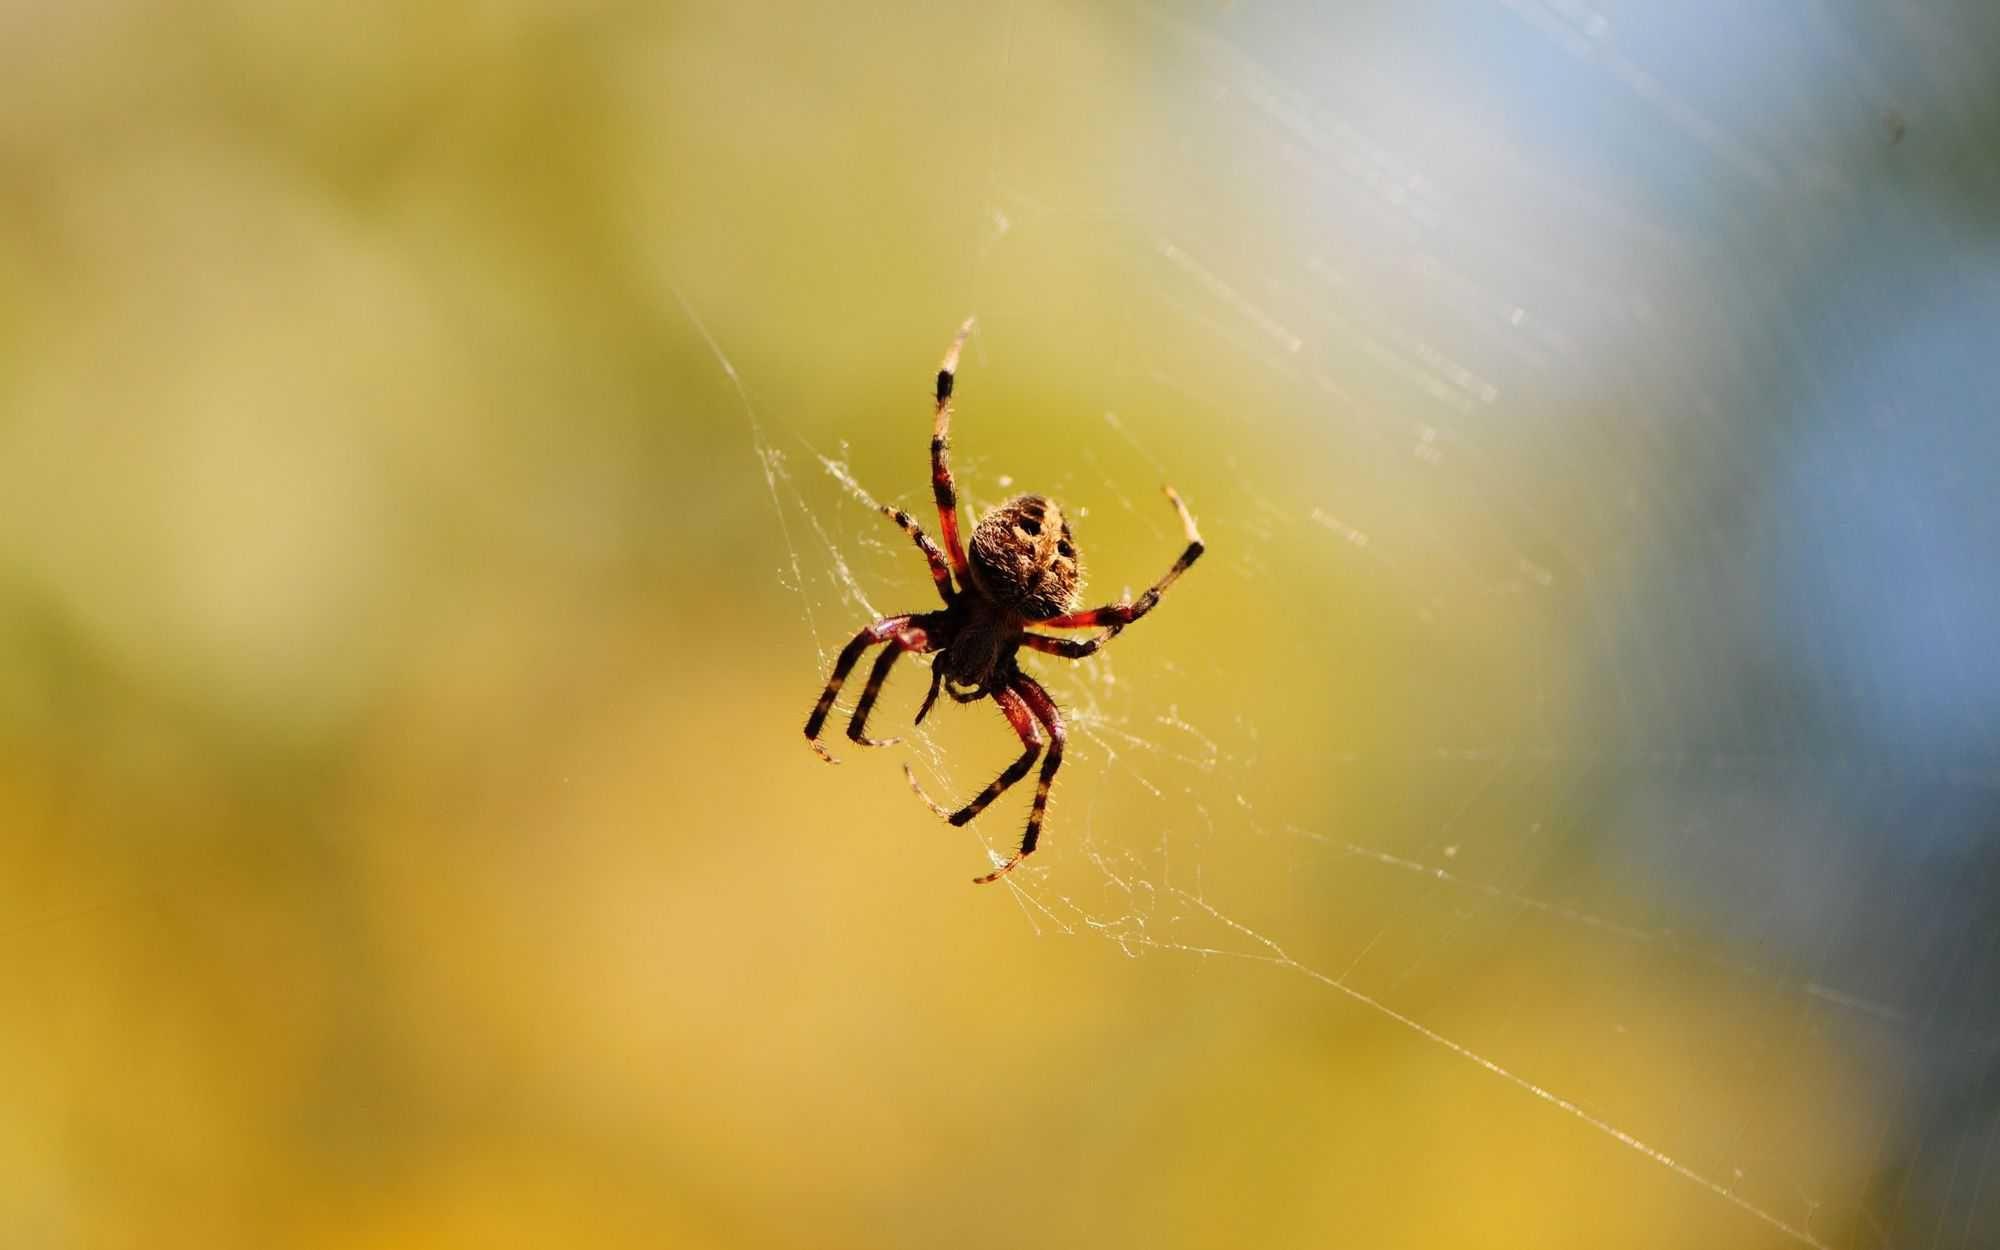 تفسير العنكبوت في الحلم للامام الصادق موسوعة Pet Birds Spider Poisonous Spiders